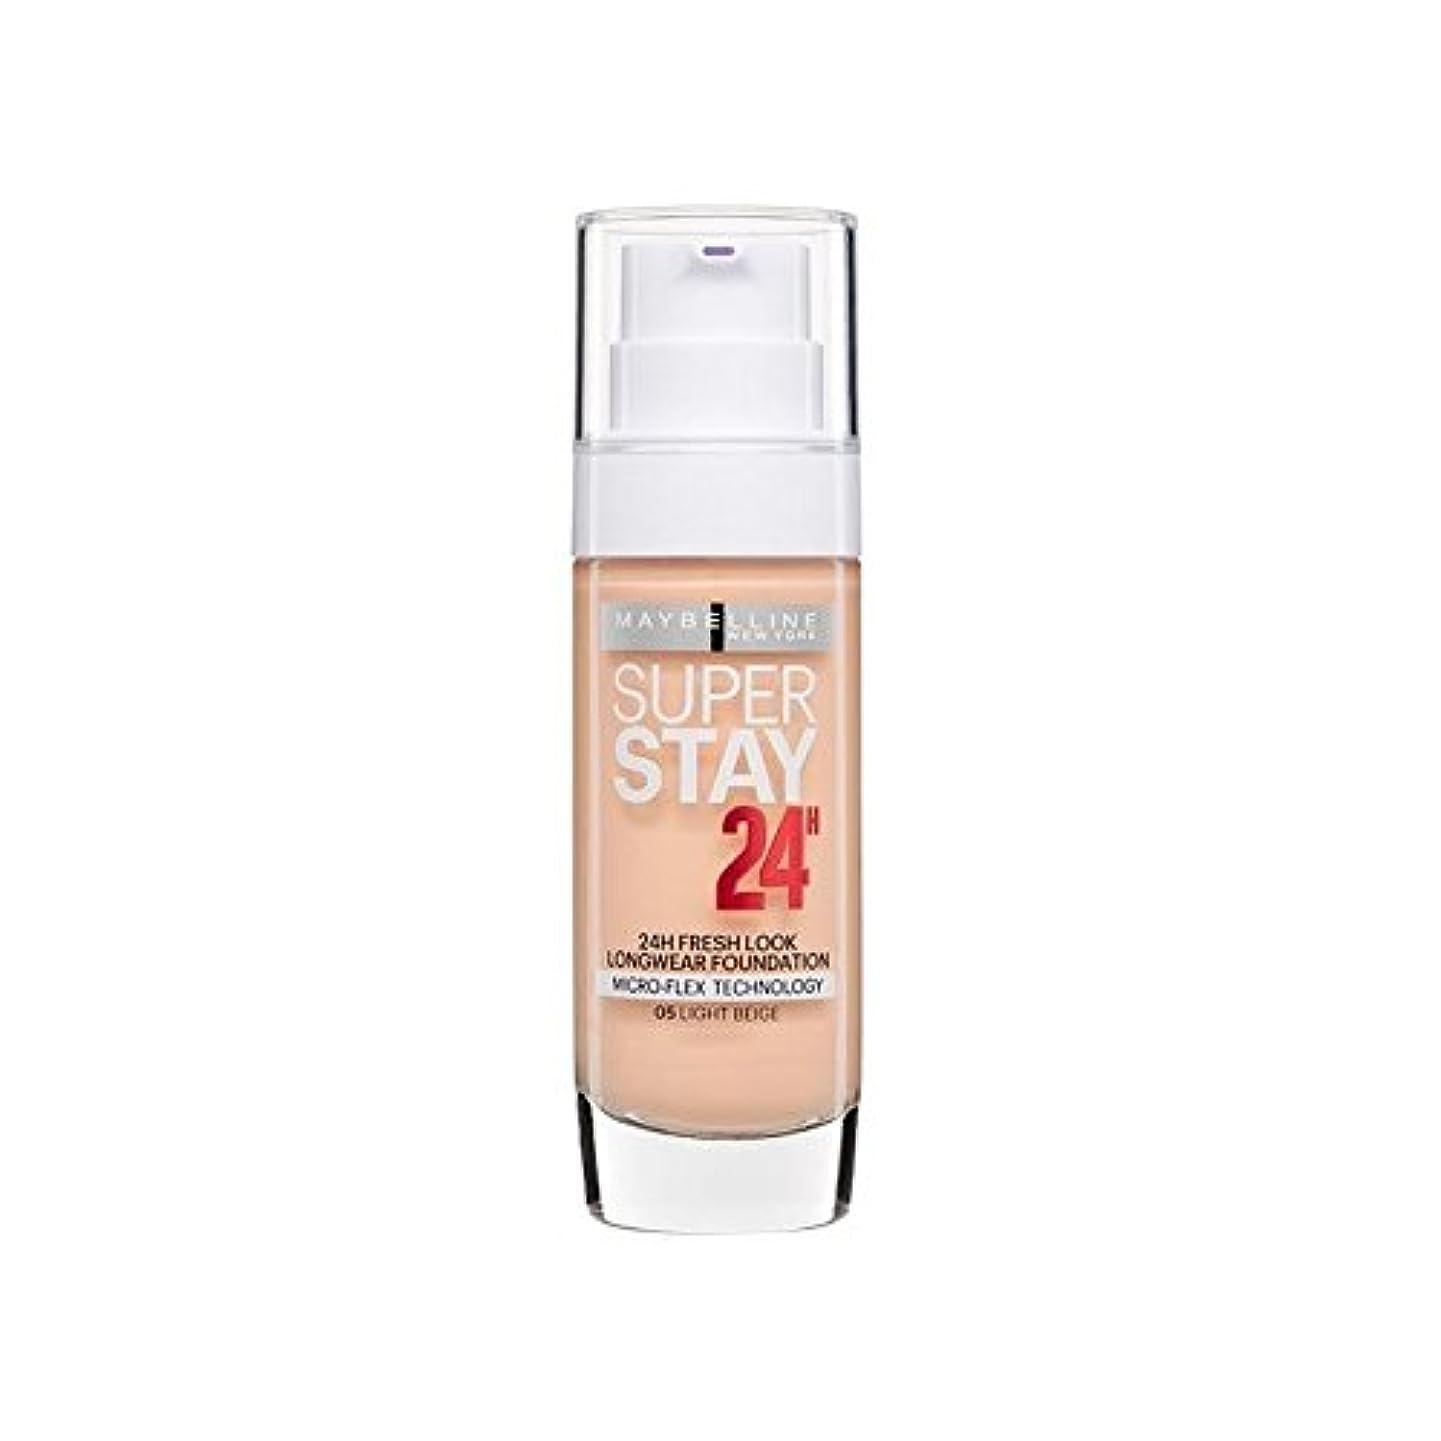 サーキュレーションハドル魅惑的なメイベリンの24時間リキッドファンデーションライトベージュ30ミリリットル x2 - Maybelline SuperStay 24h Liquid Foundation Light Beige 30ml (Pack of 2) [並行輸入品]